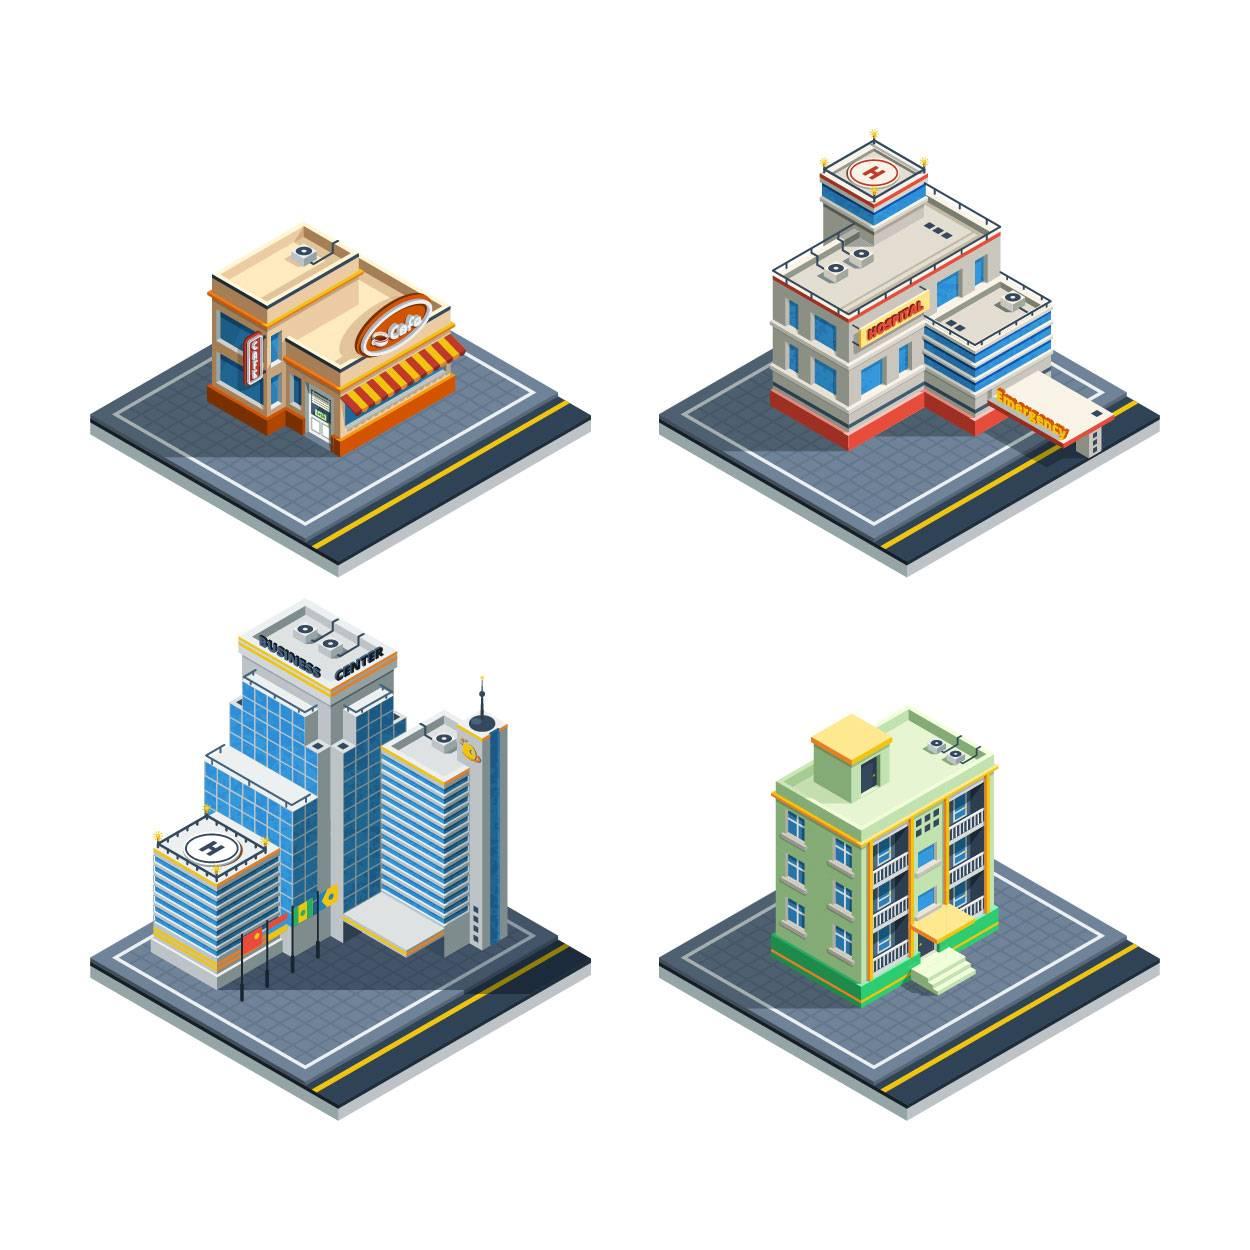 卡通城市建筑 等距建筑 城市卡通 模型设计 立体建筑 时尚元素 现代 时代 地产建筑 3D建筑 城市插画